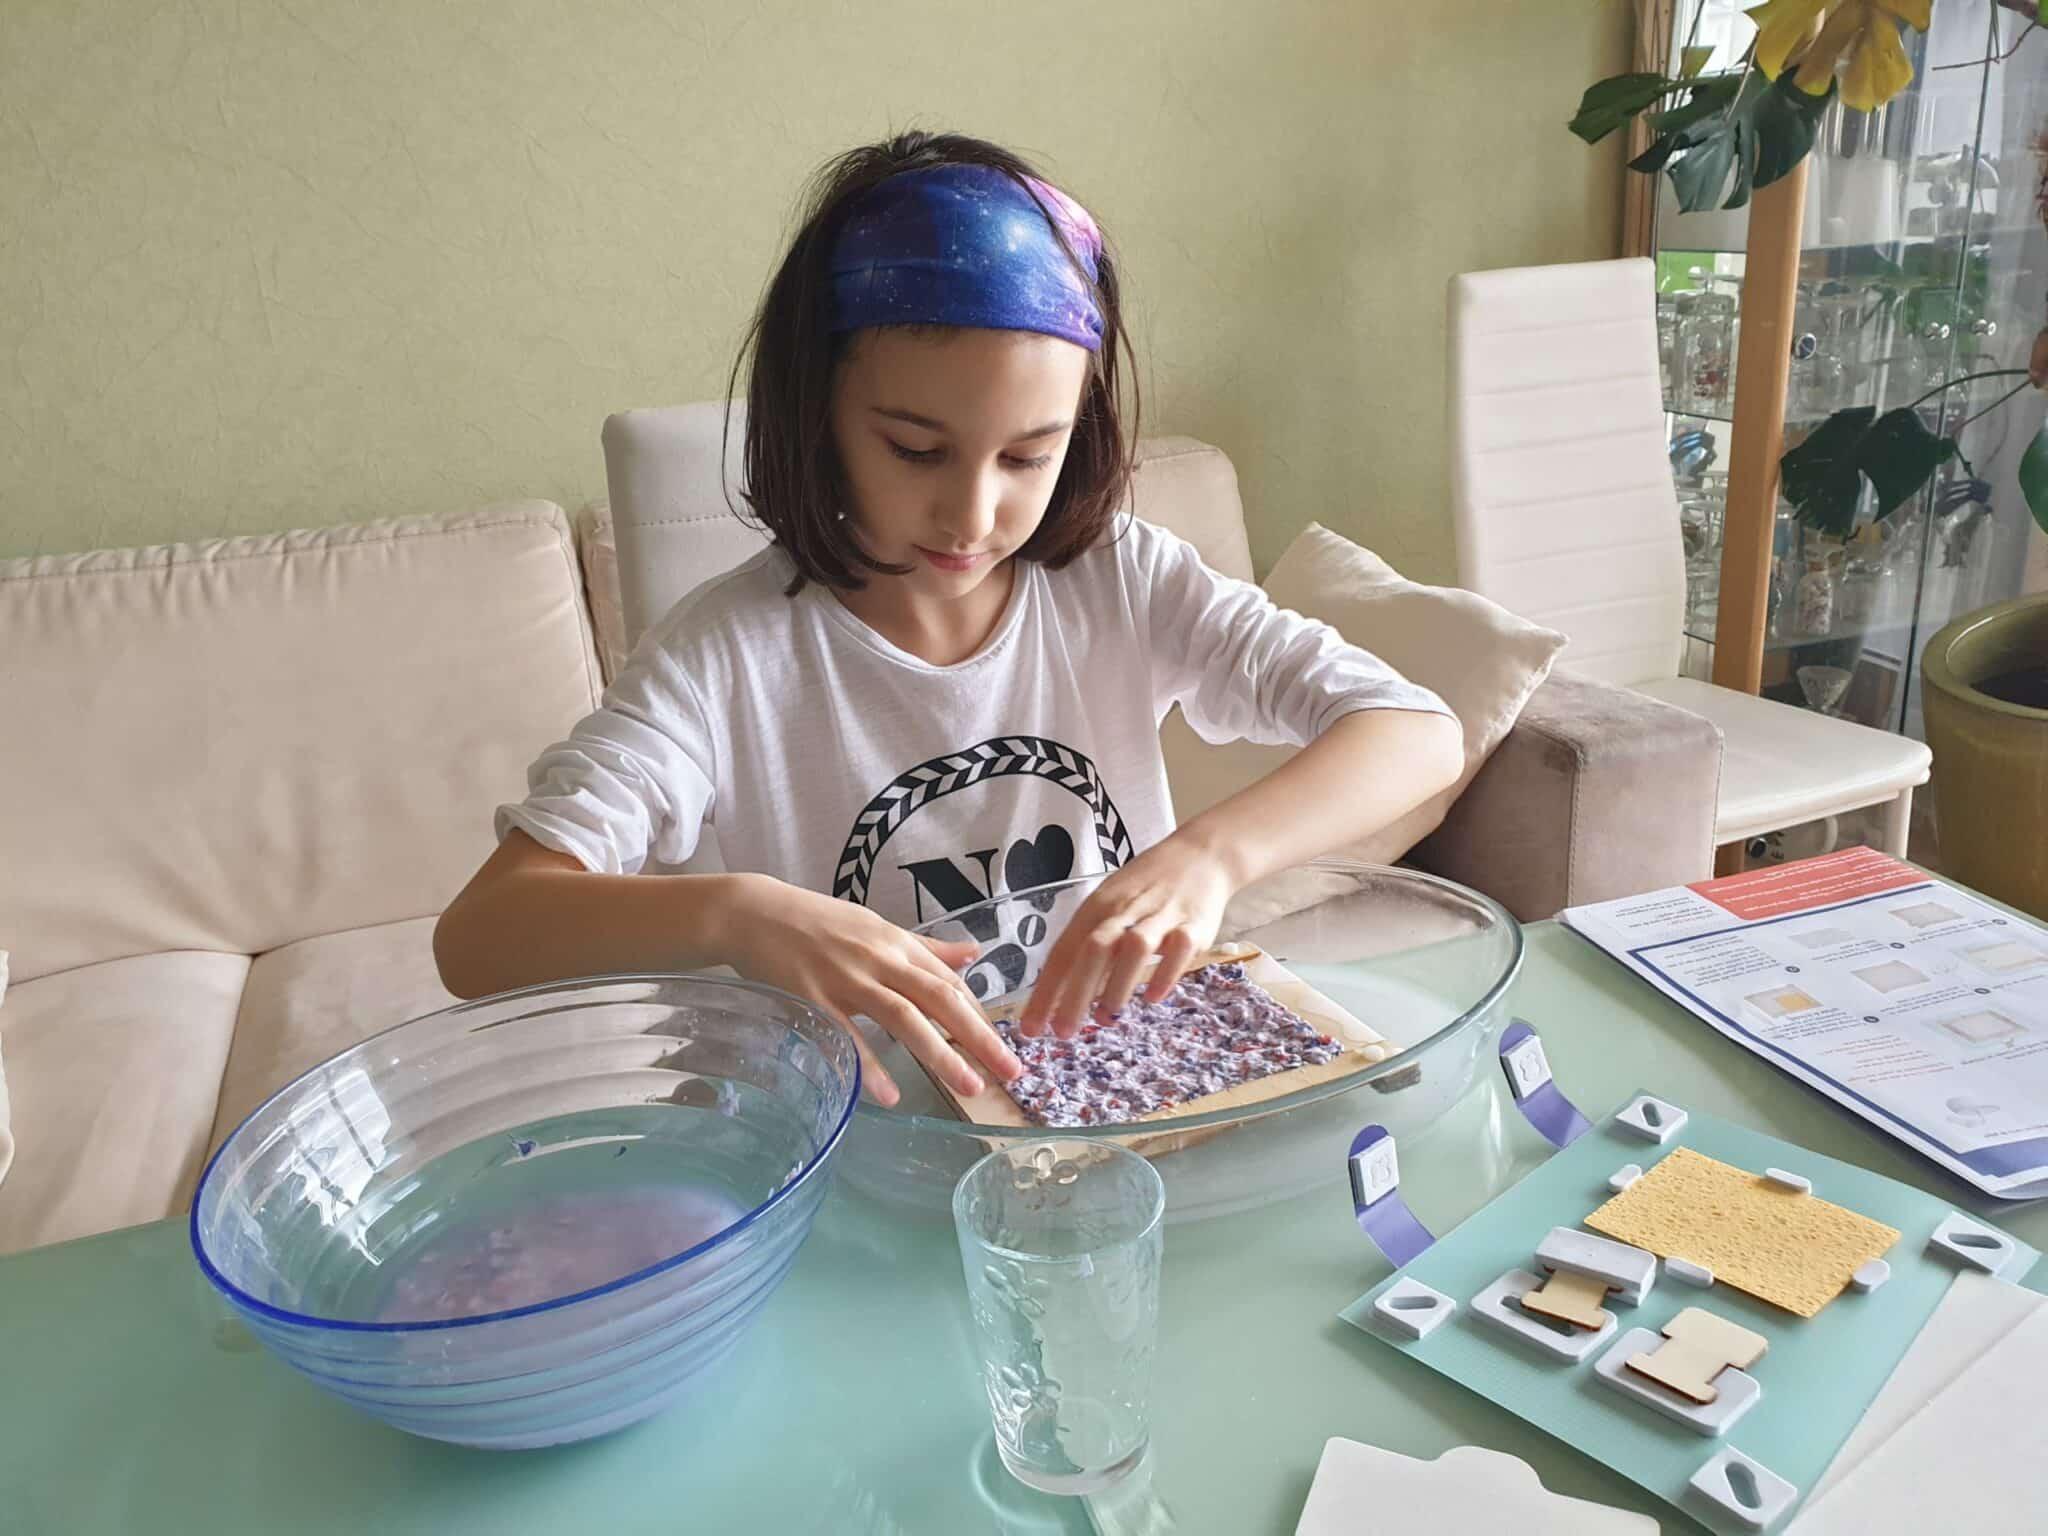 activité manuelle petite fille kit éducatif